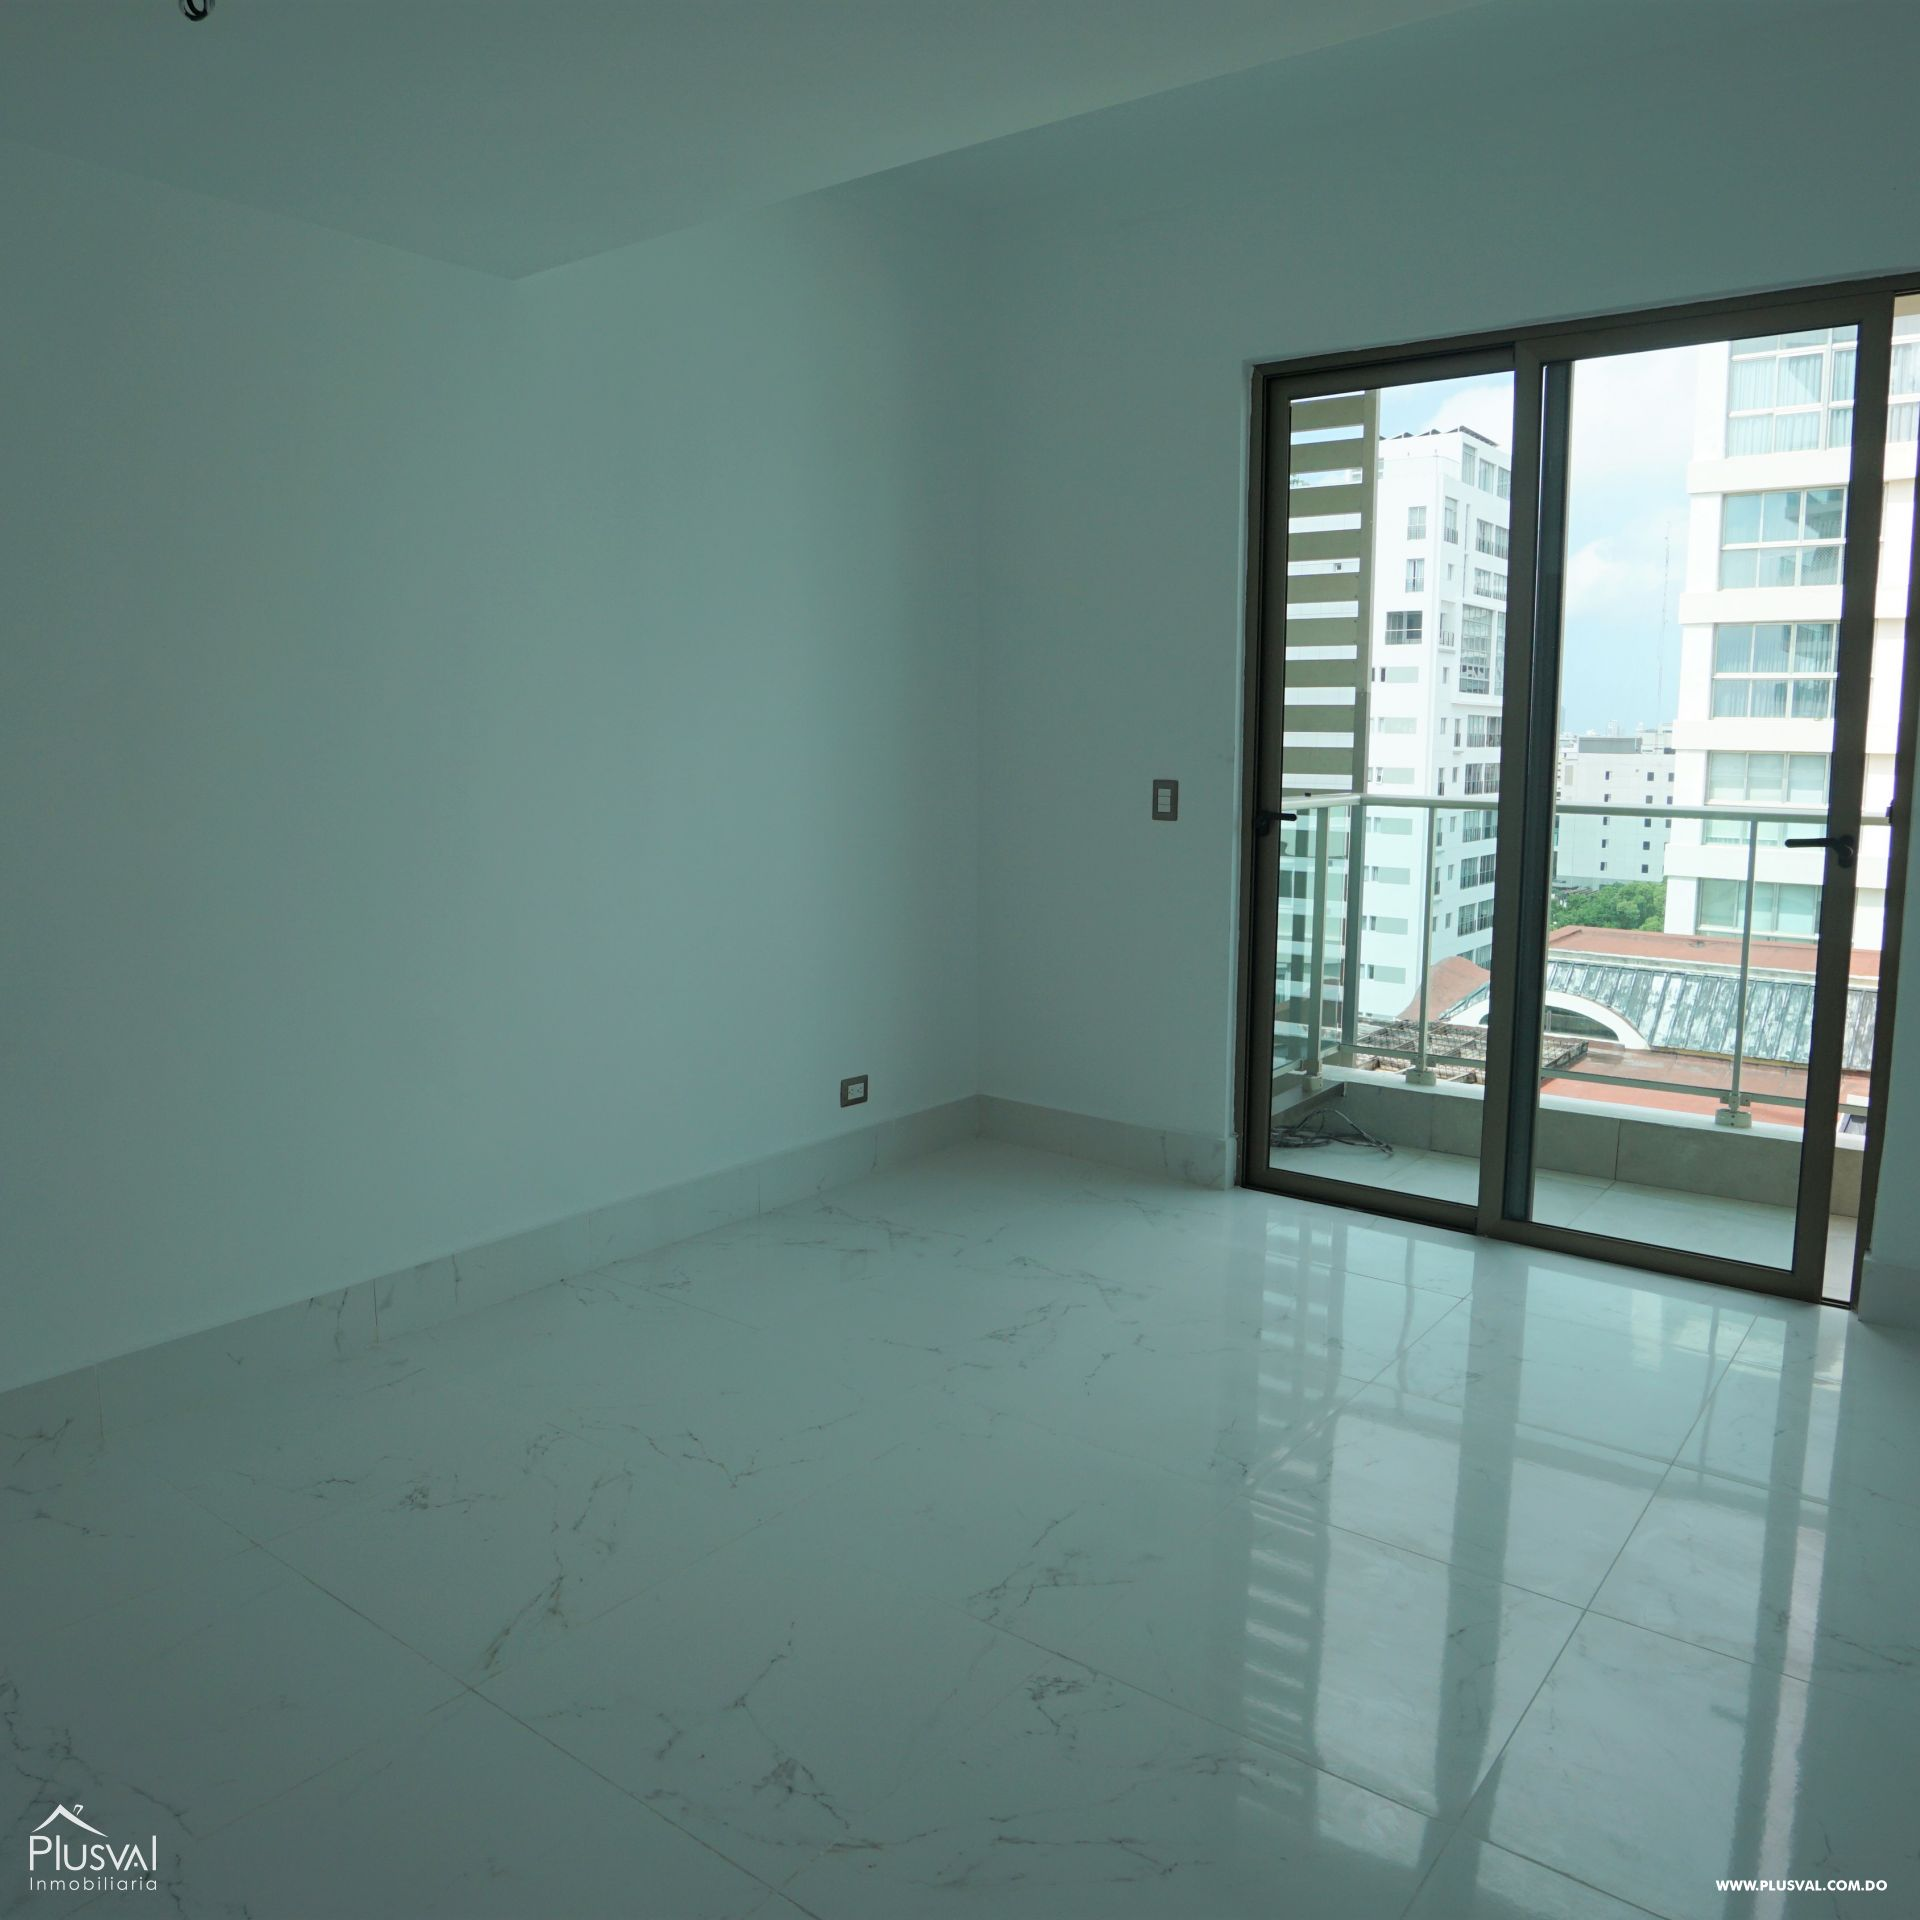 Apartamento en alquiler con linea blanca en Piantini 183089